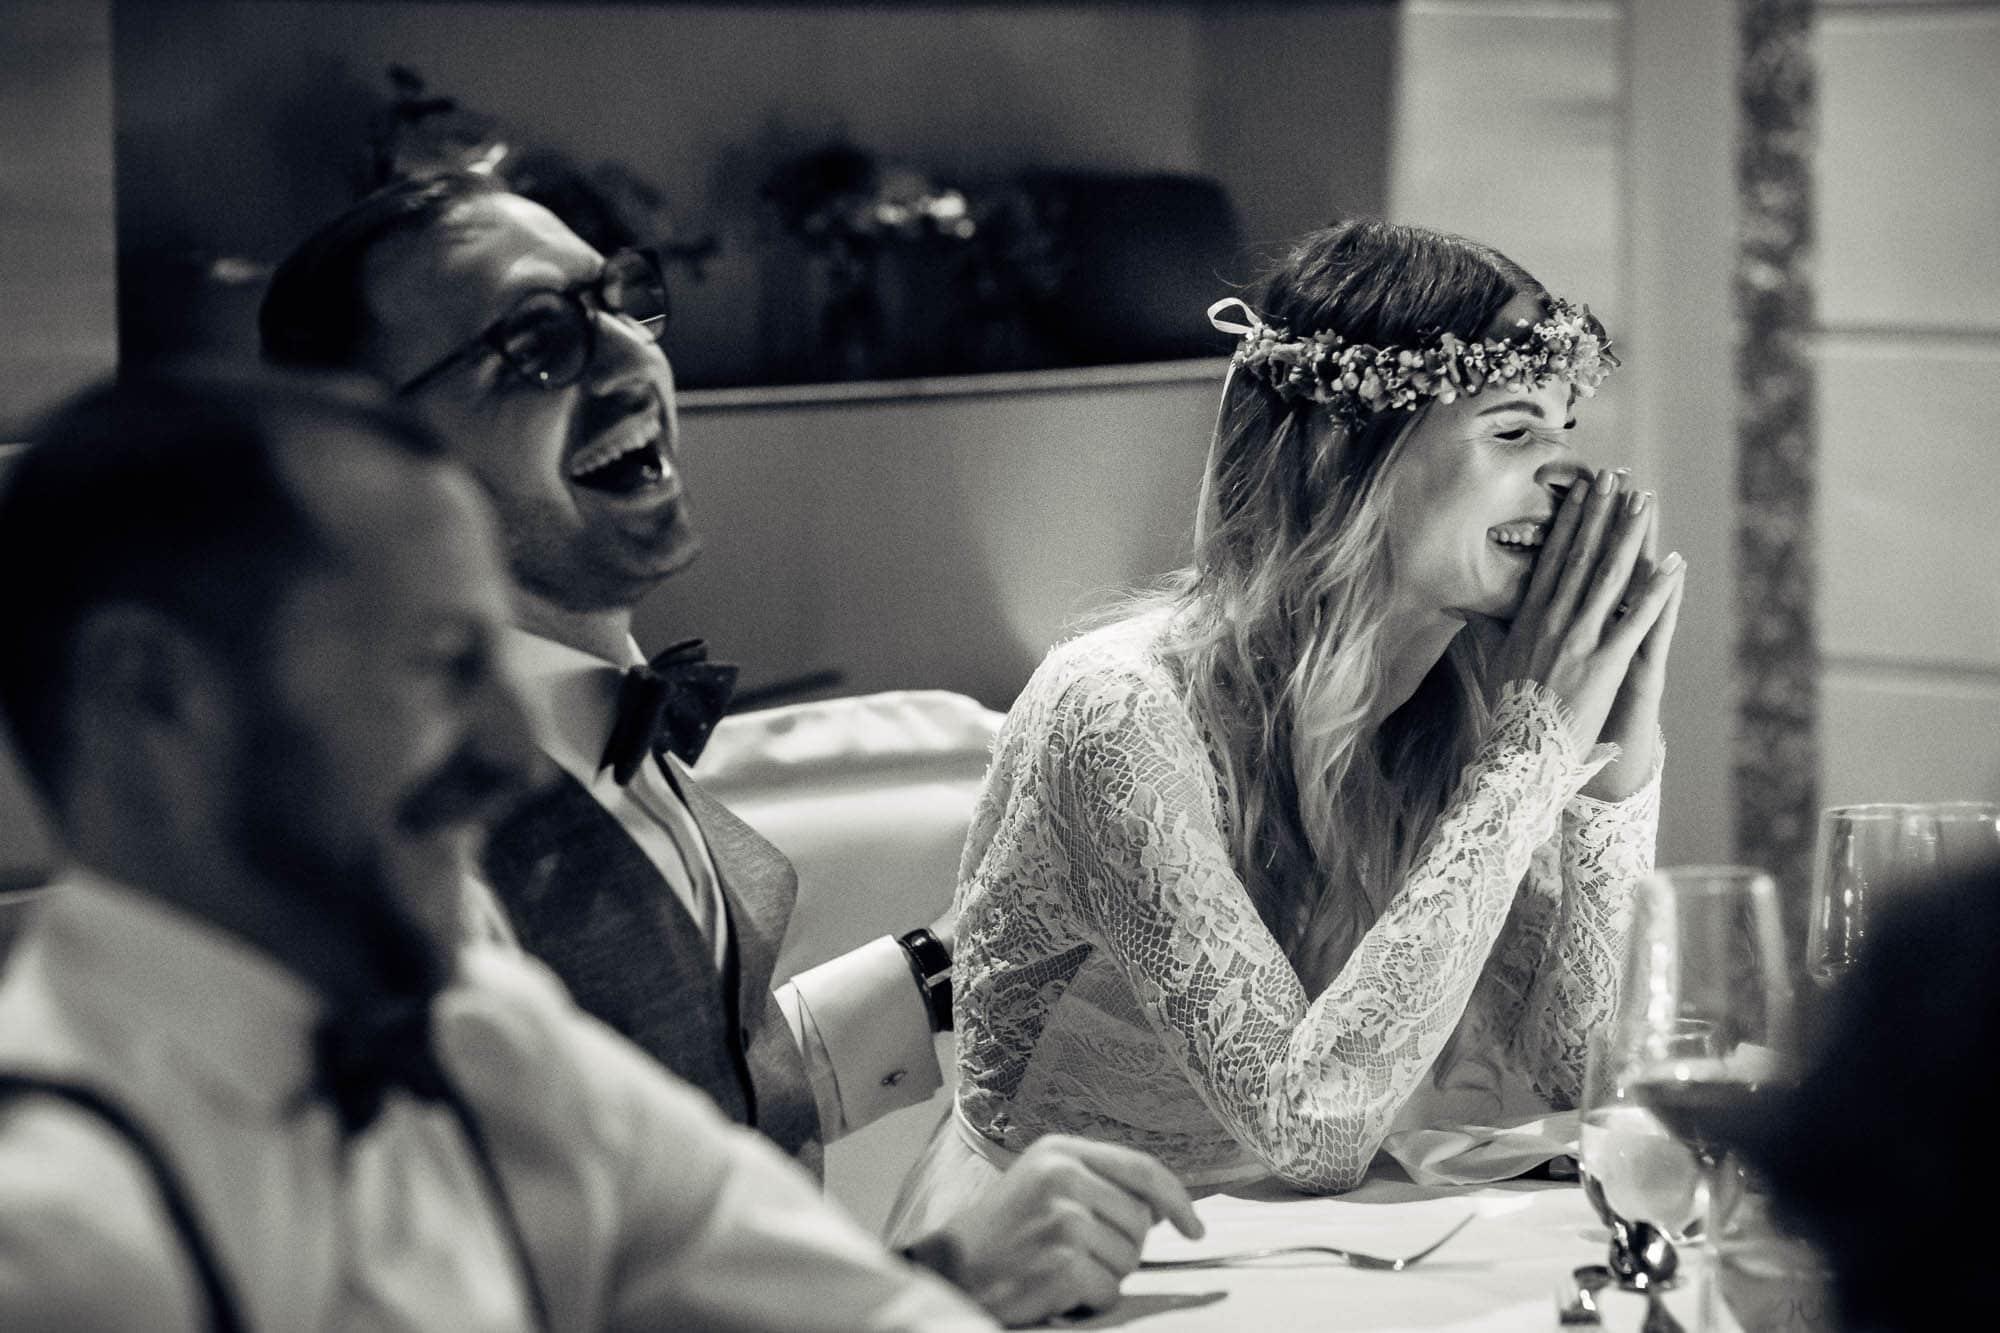 Brautpaar lacht während der Ansprache des Brautvaters